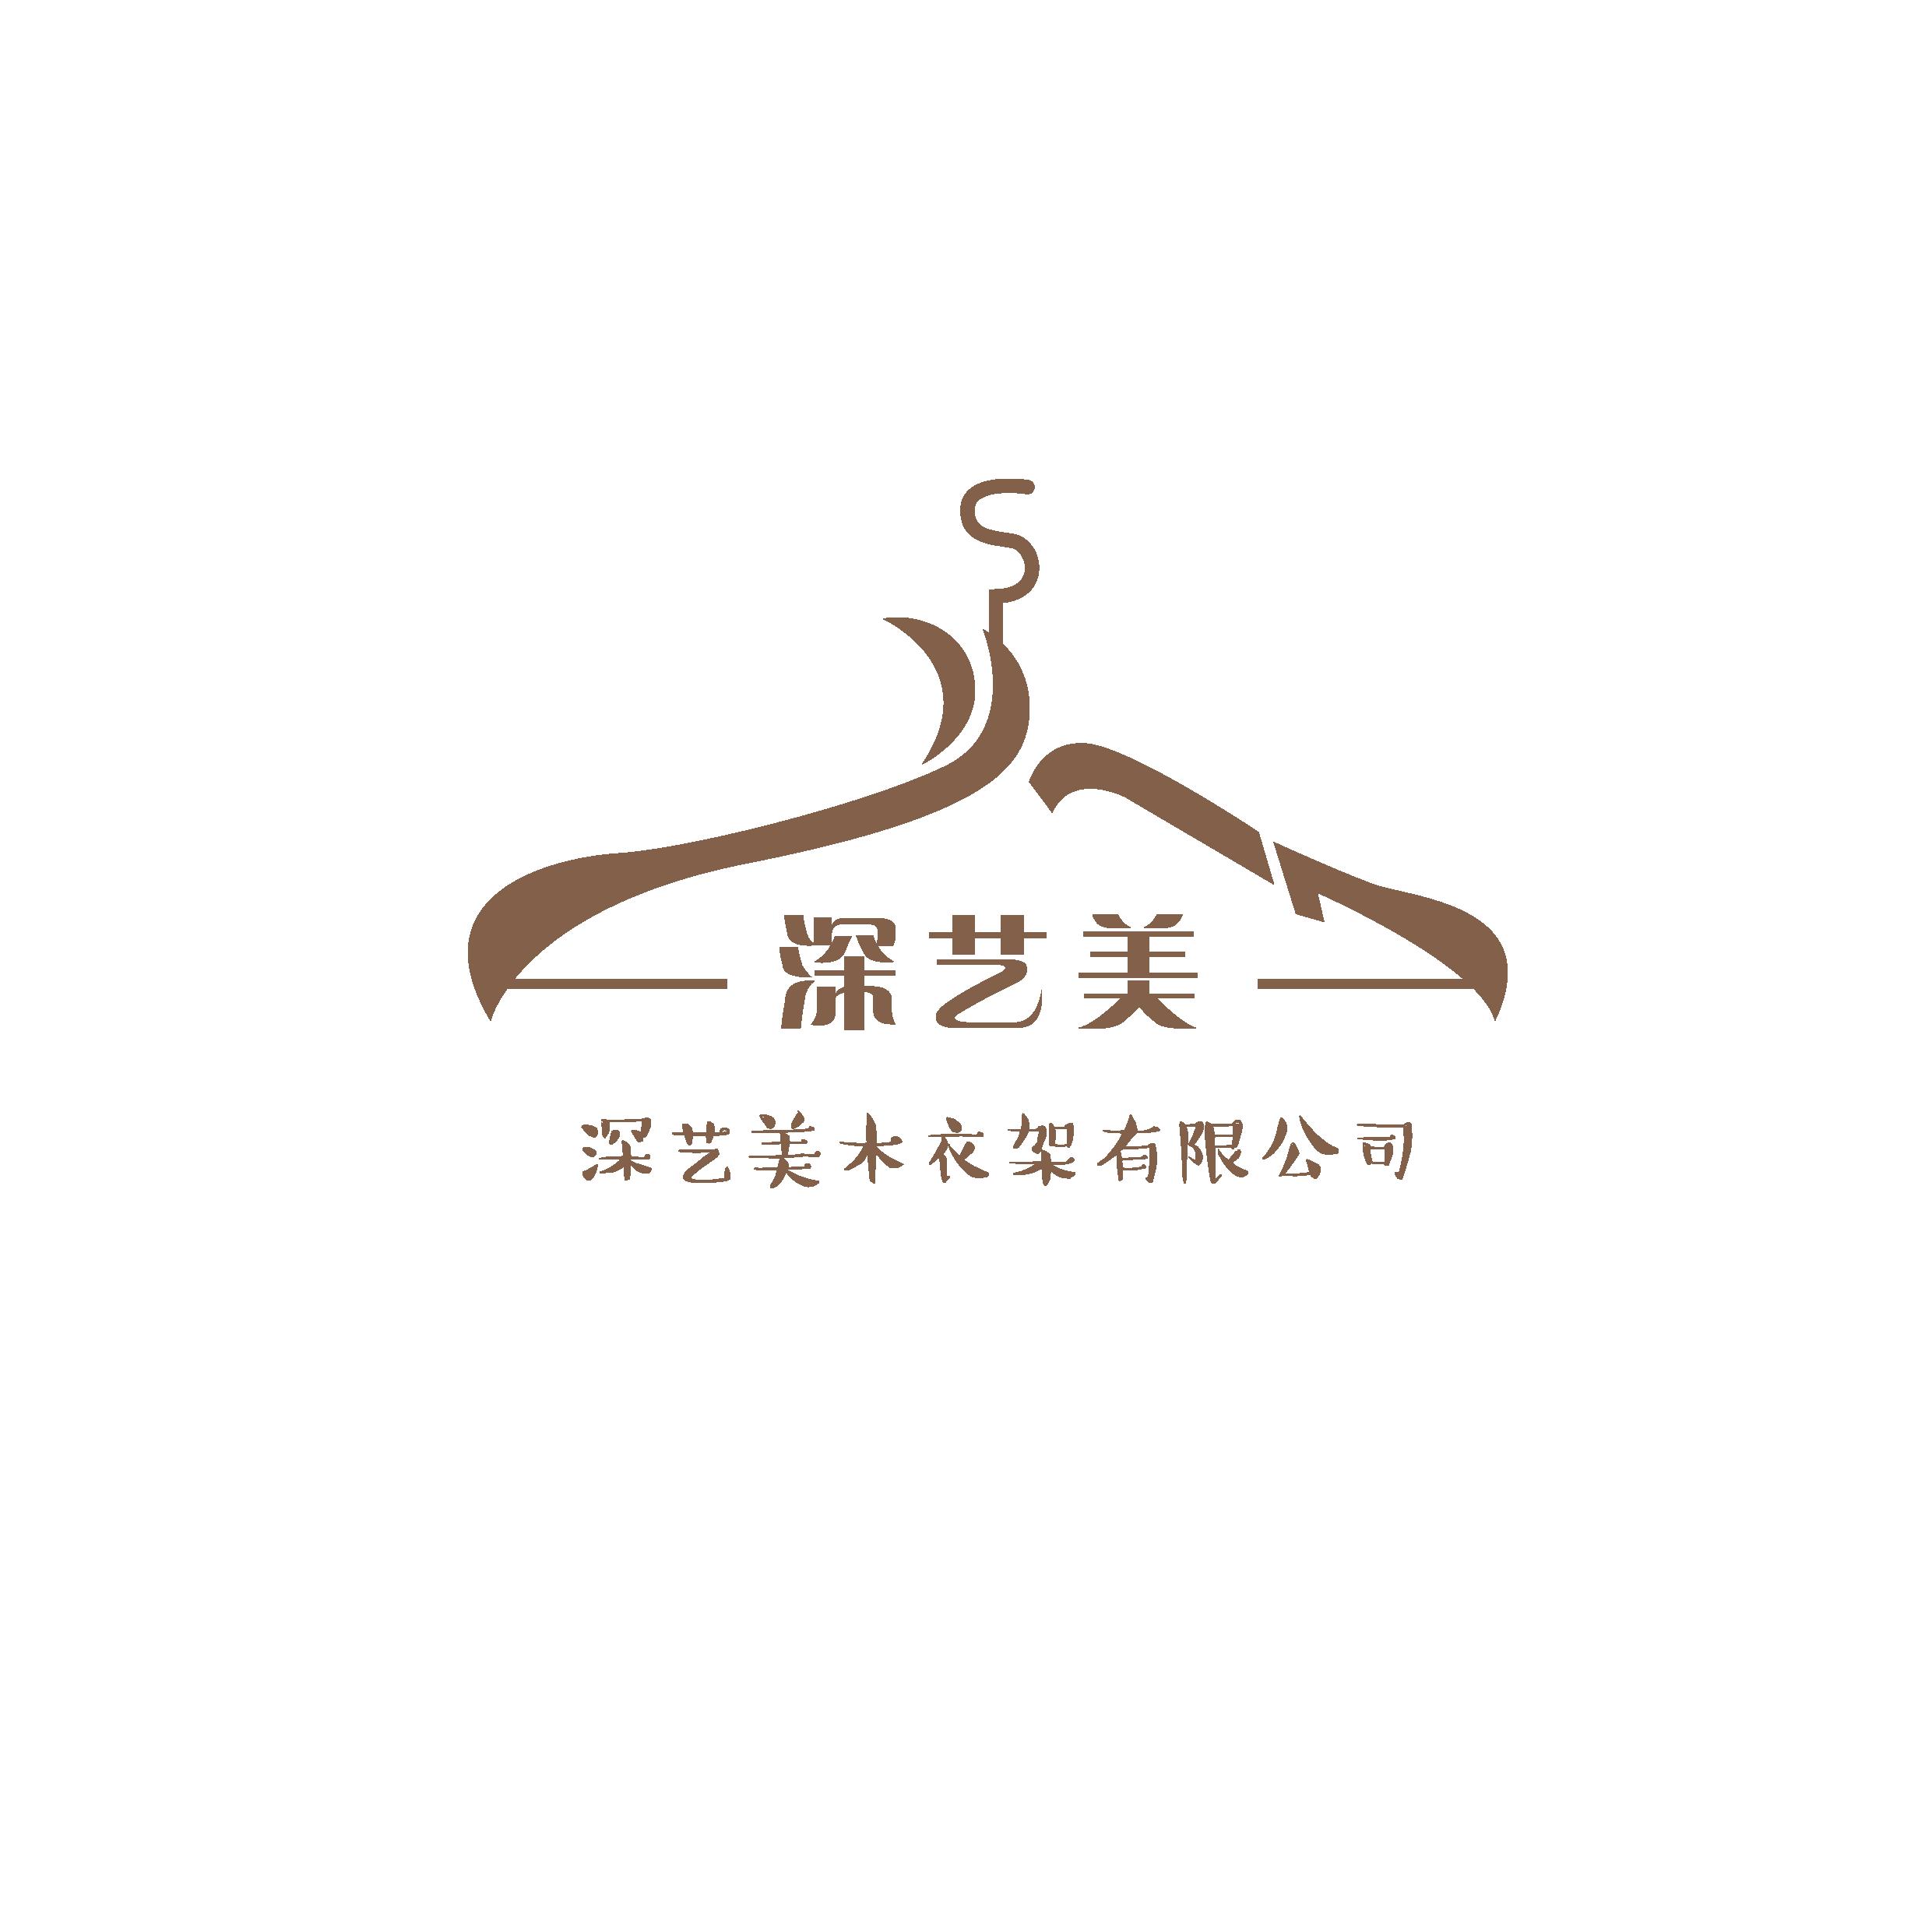 深圳市深藝美衣架有限公司